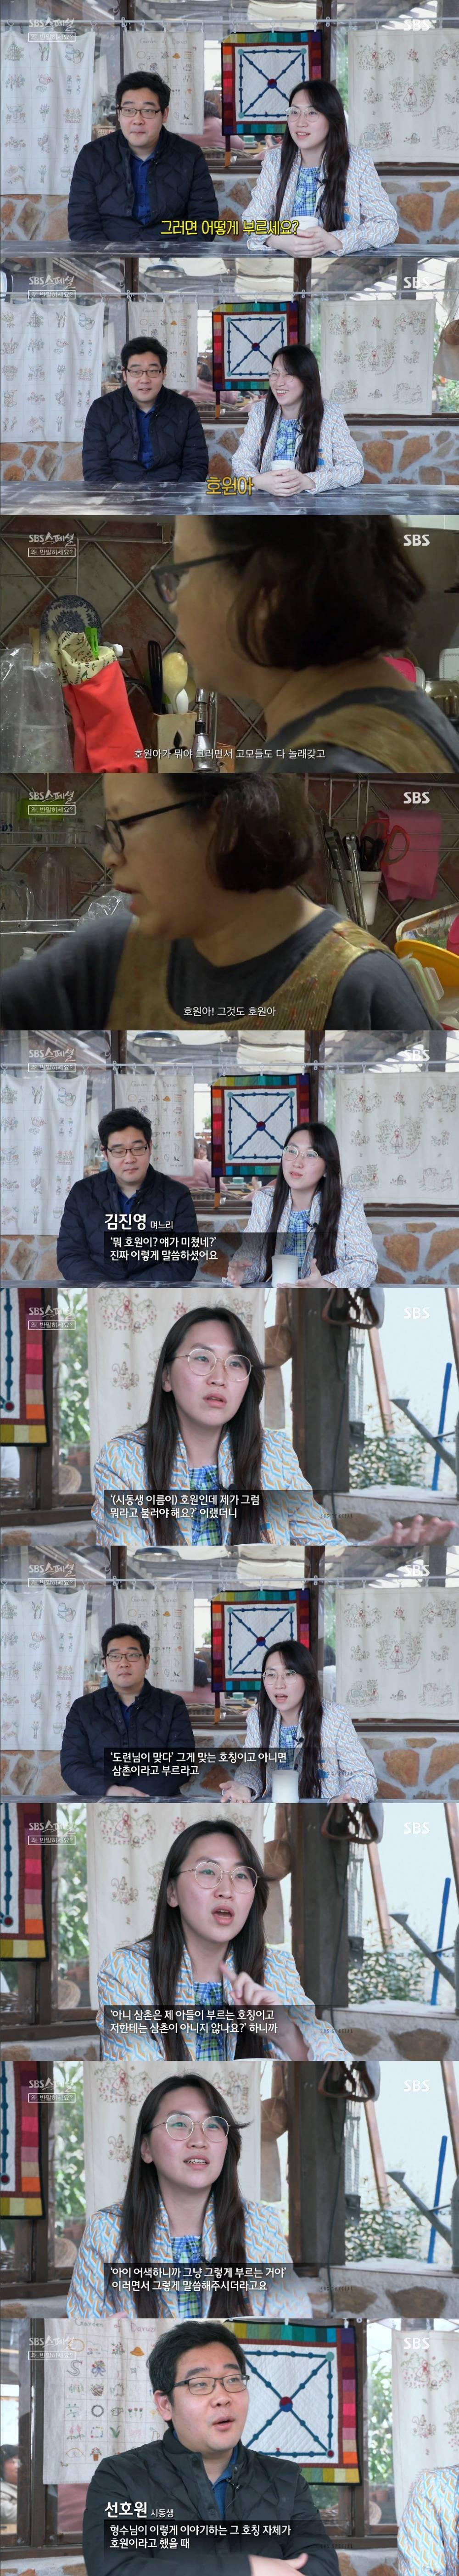 현재 한국 서열문화 진짜 현실ㄷㄷㄷㄷㄷ.jpg | 인스티즈